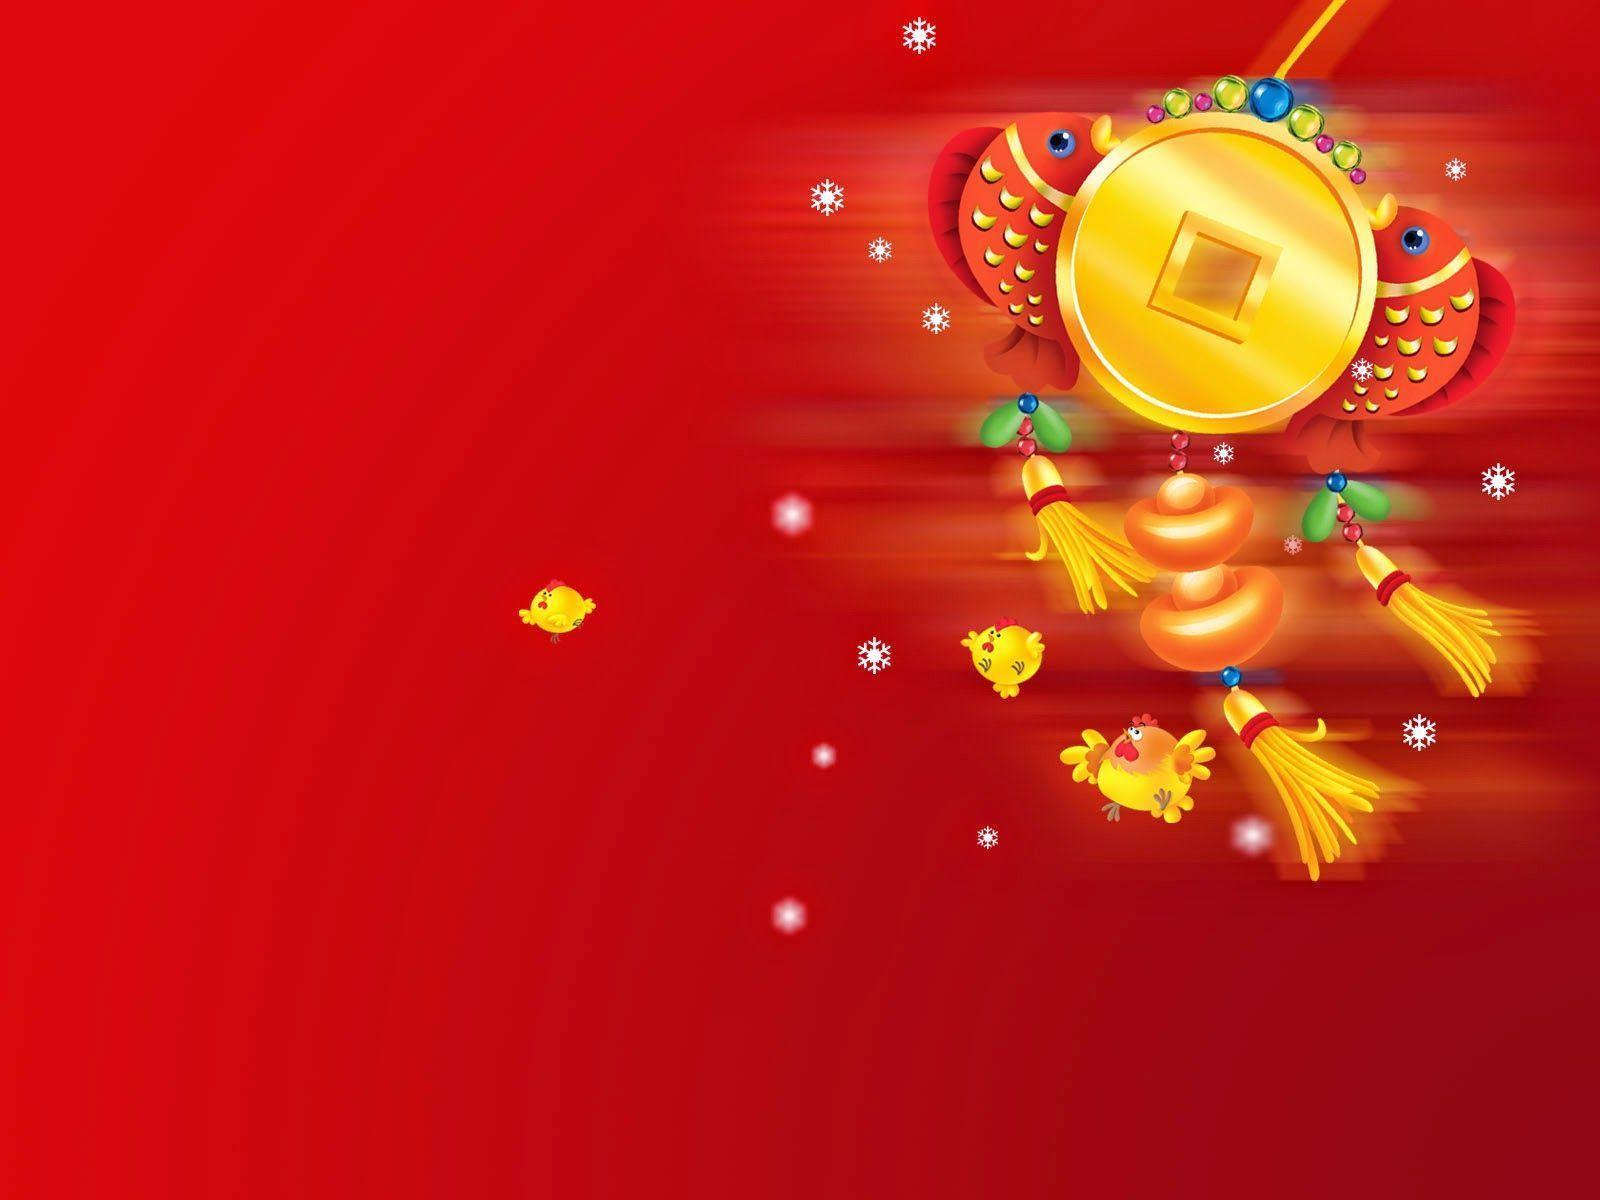 Chinese-New-Year-Wallpaper-22-6.jpg